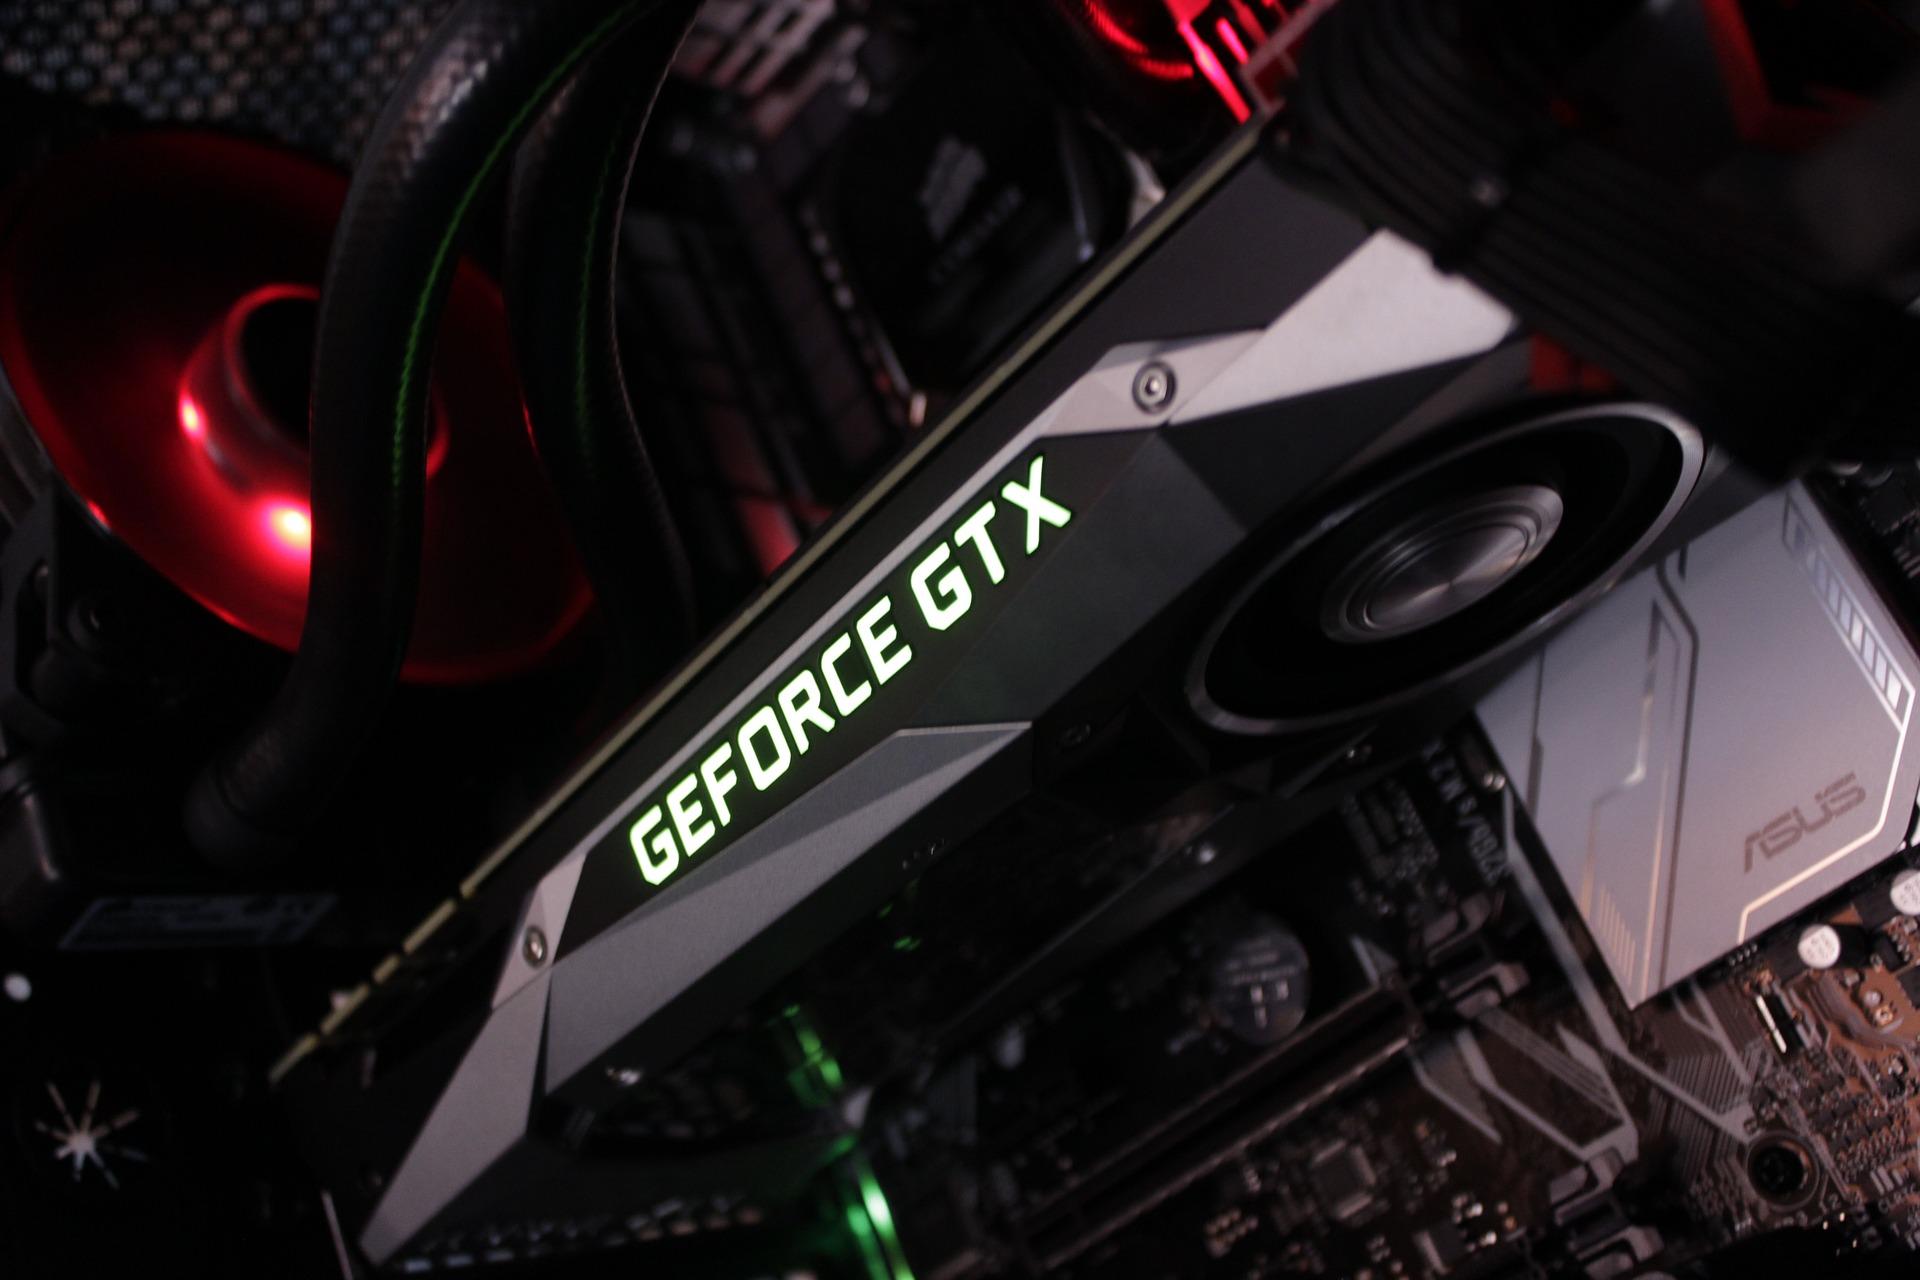 Imagem mostra uma placa de vídeo GeForce GTX em destaque.